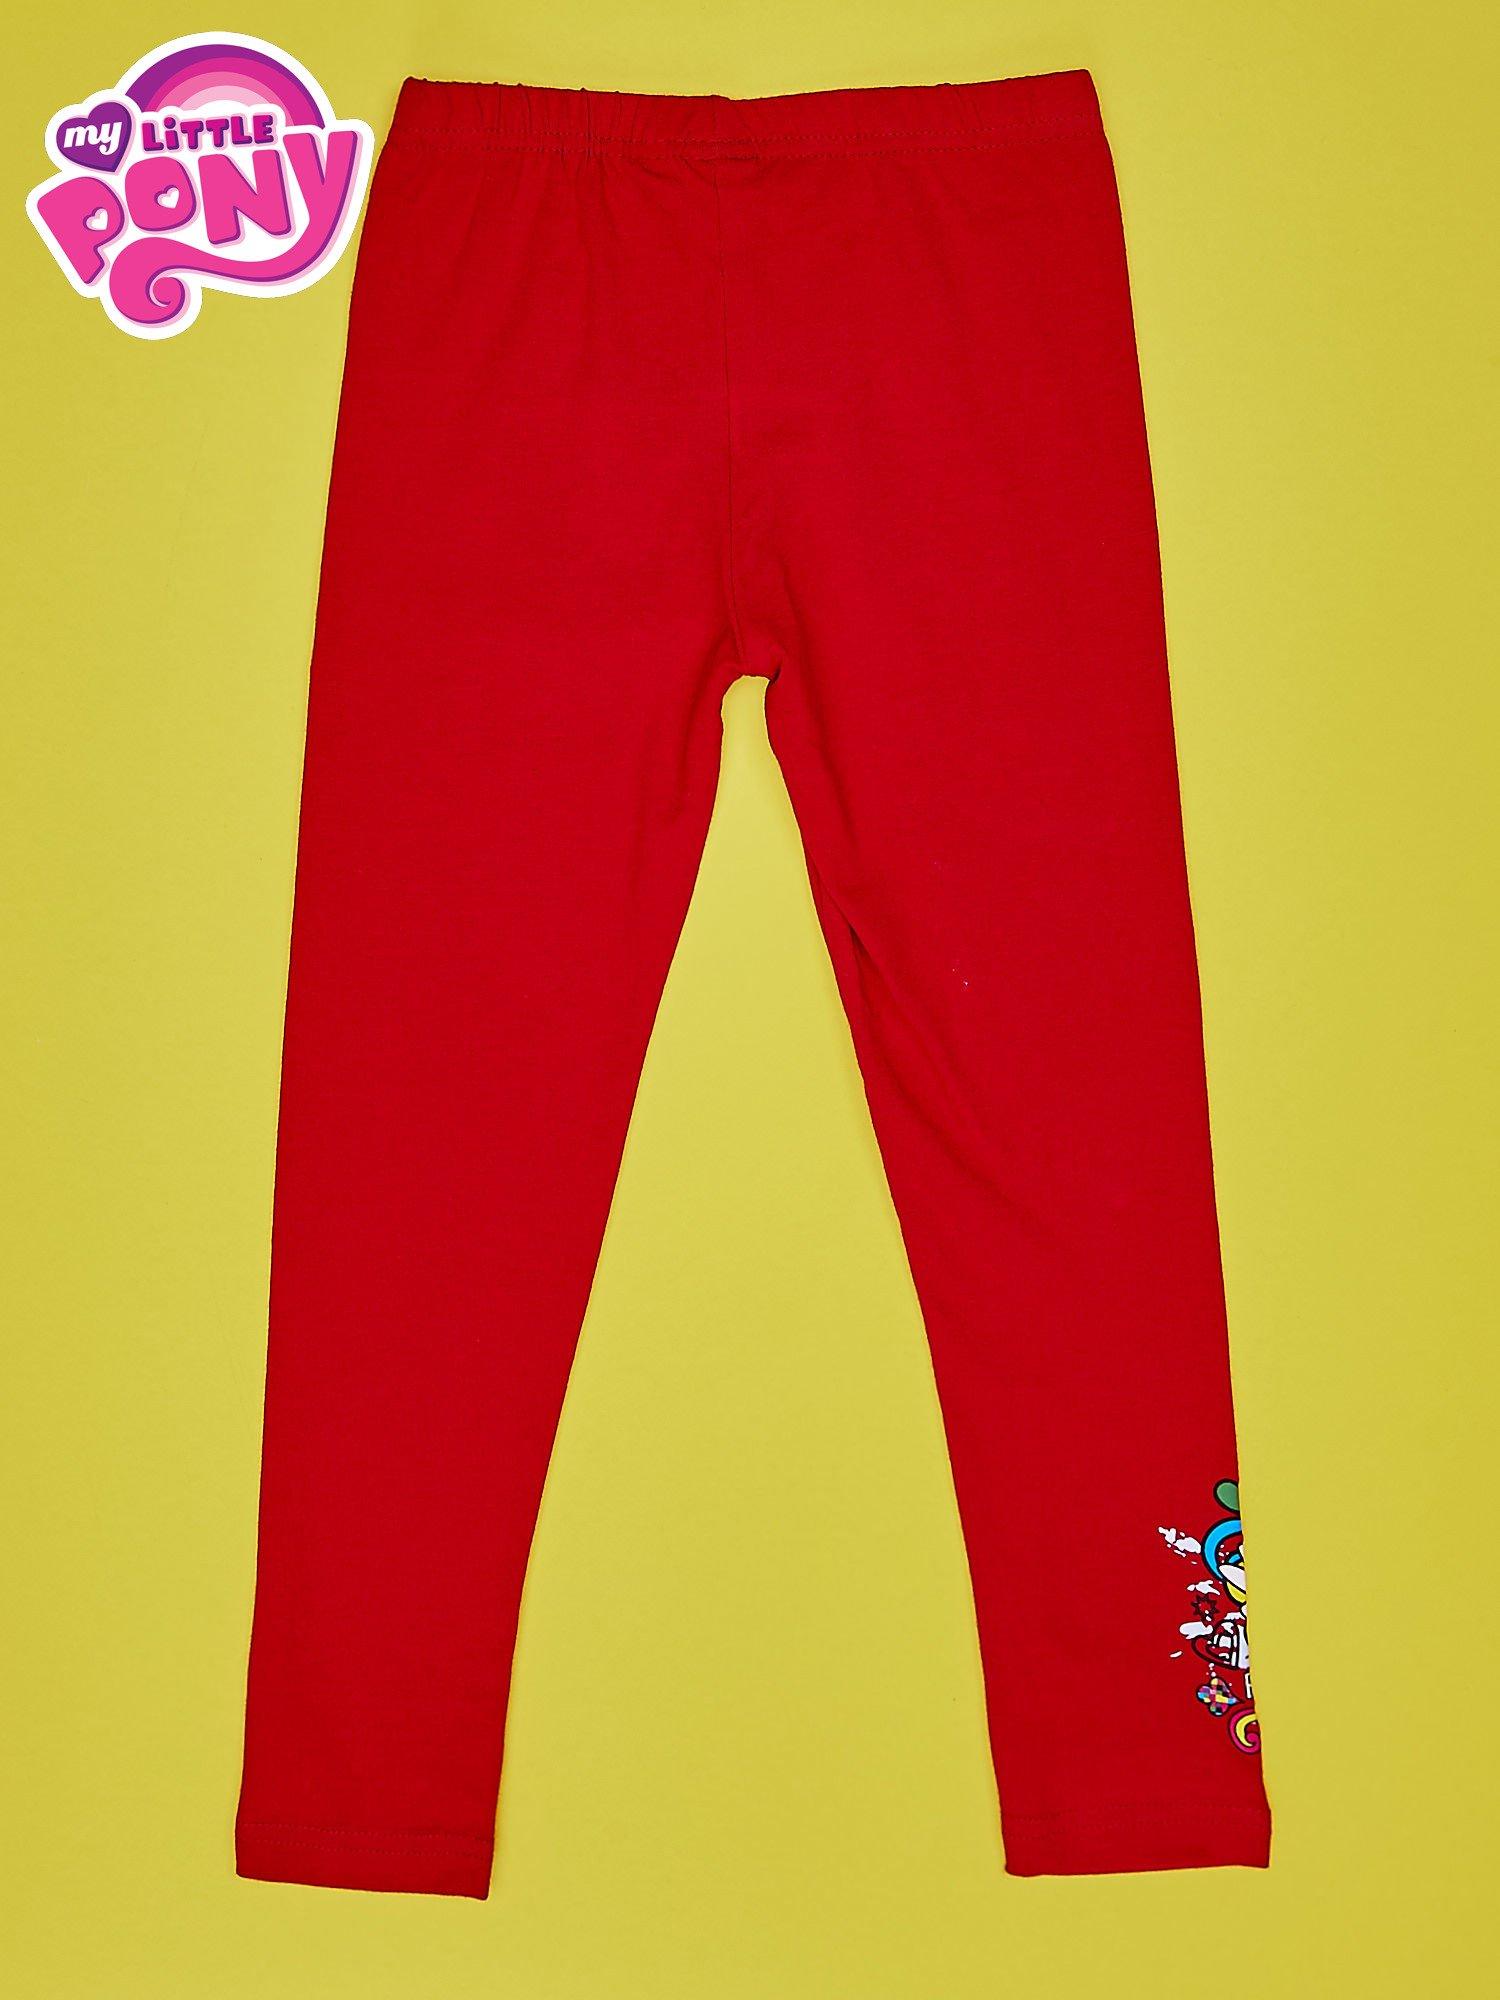 Czerwone legginsy dla dziewczynki z motywem MY LITTLE PONY                                  zdj.                                  2